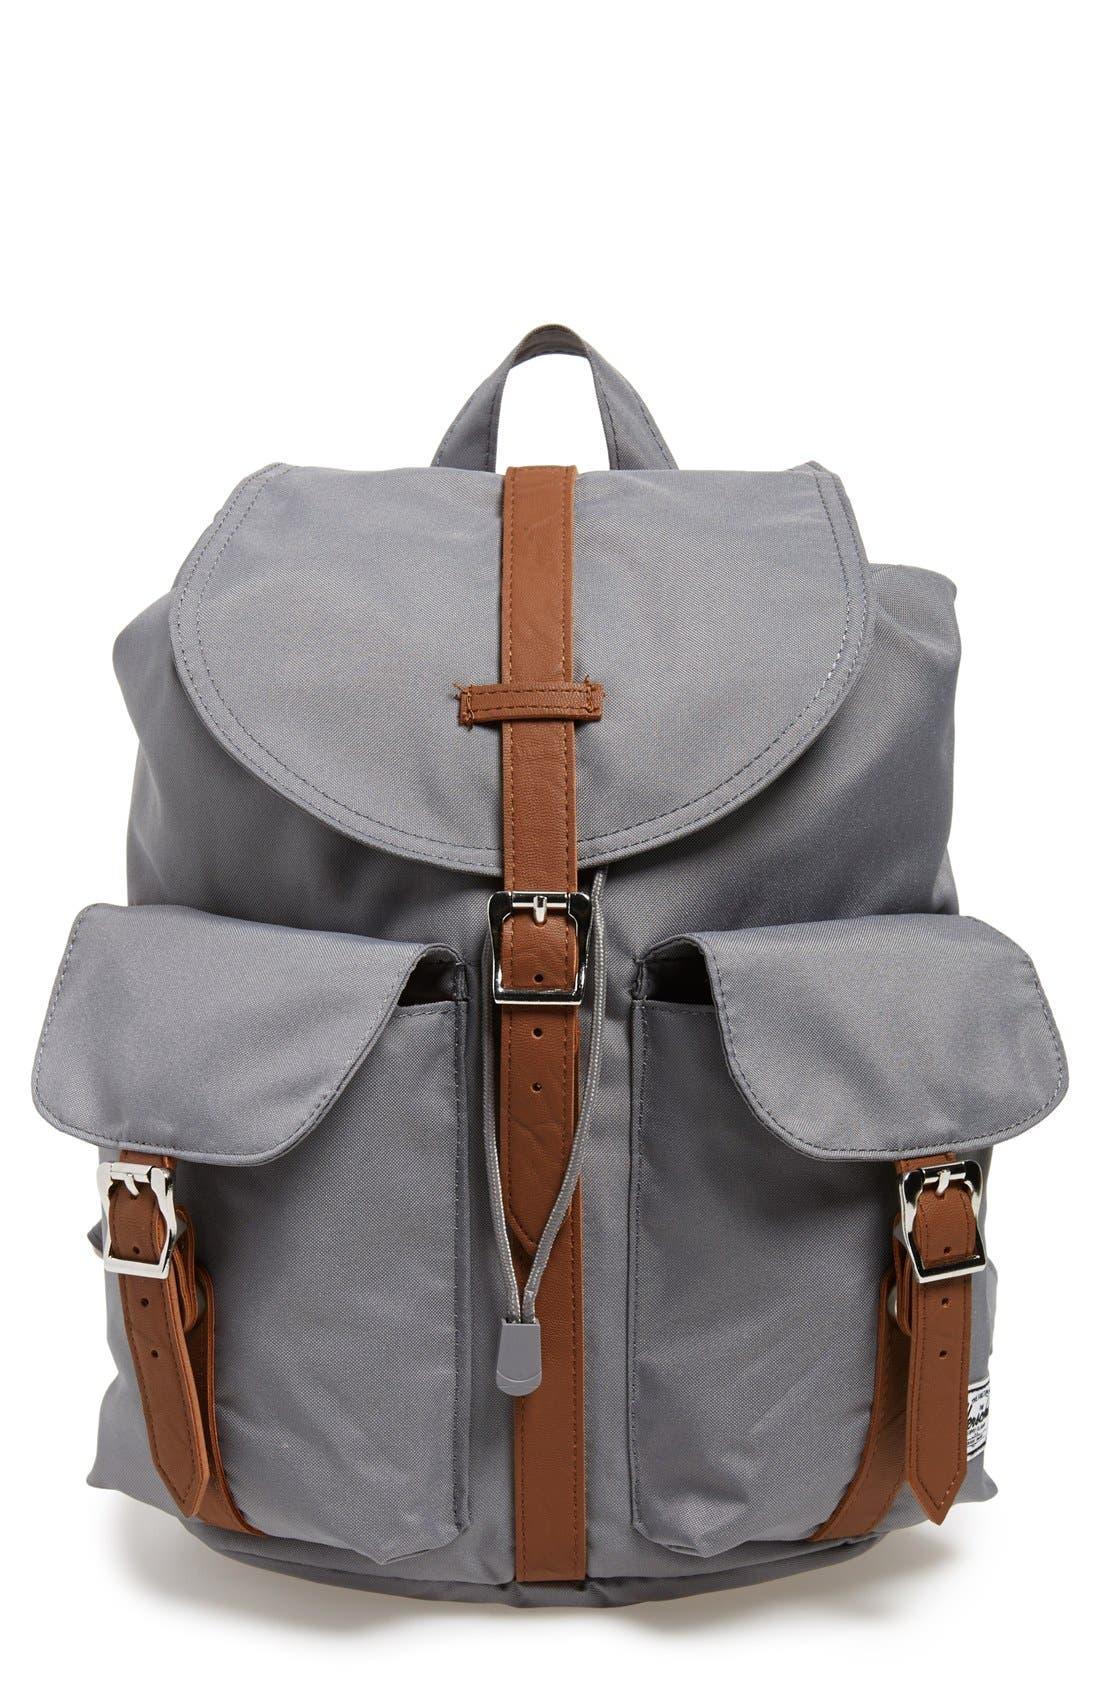 Main Image - Herschel Supply Co. 'Dawson - Mid Volume' Backpack